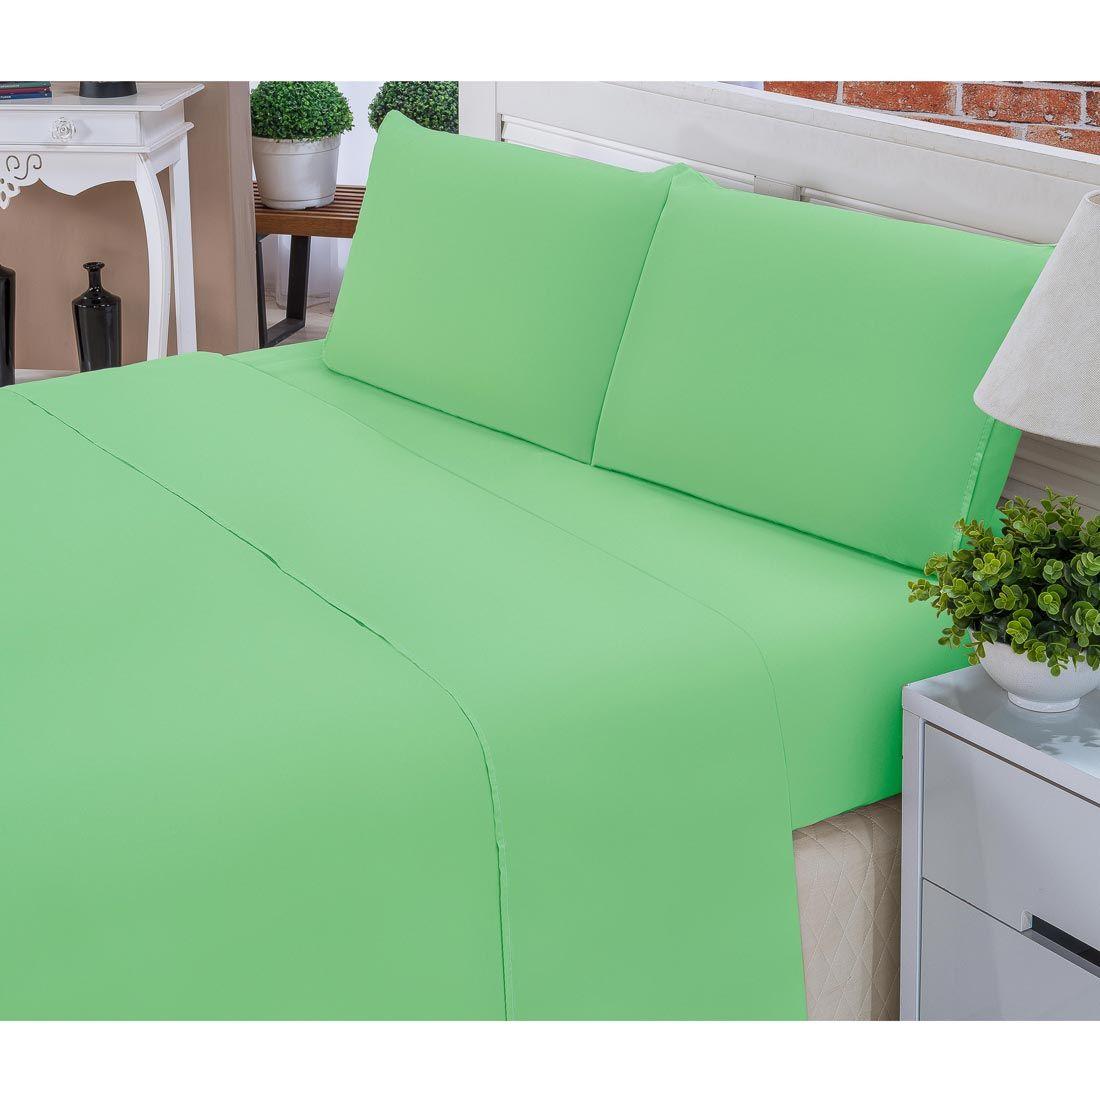 Jogo de Lençol Casal Padrão Liso Pati 04 Peças Tecido Microfibra - Verde